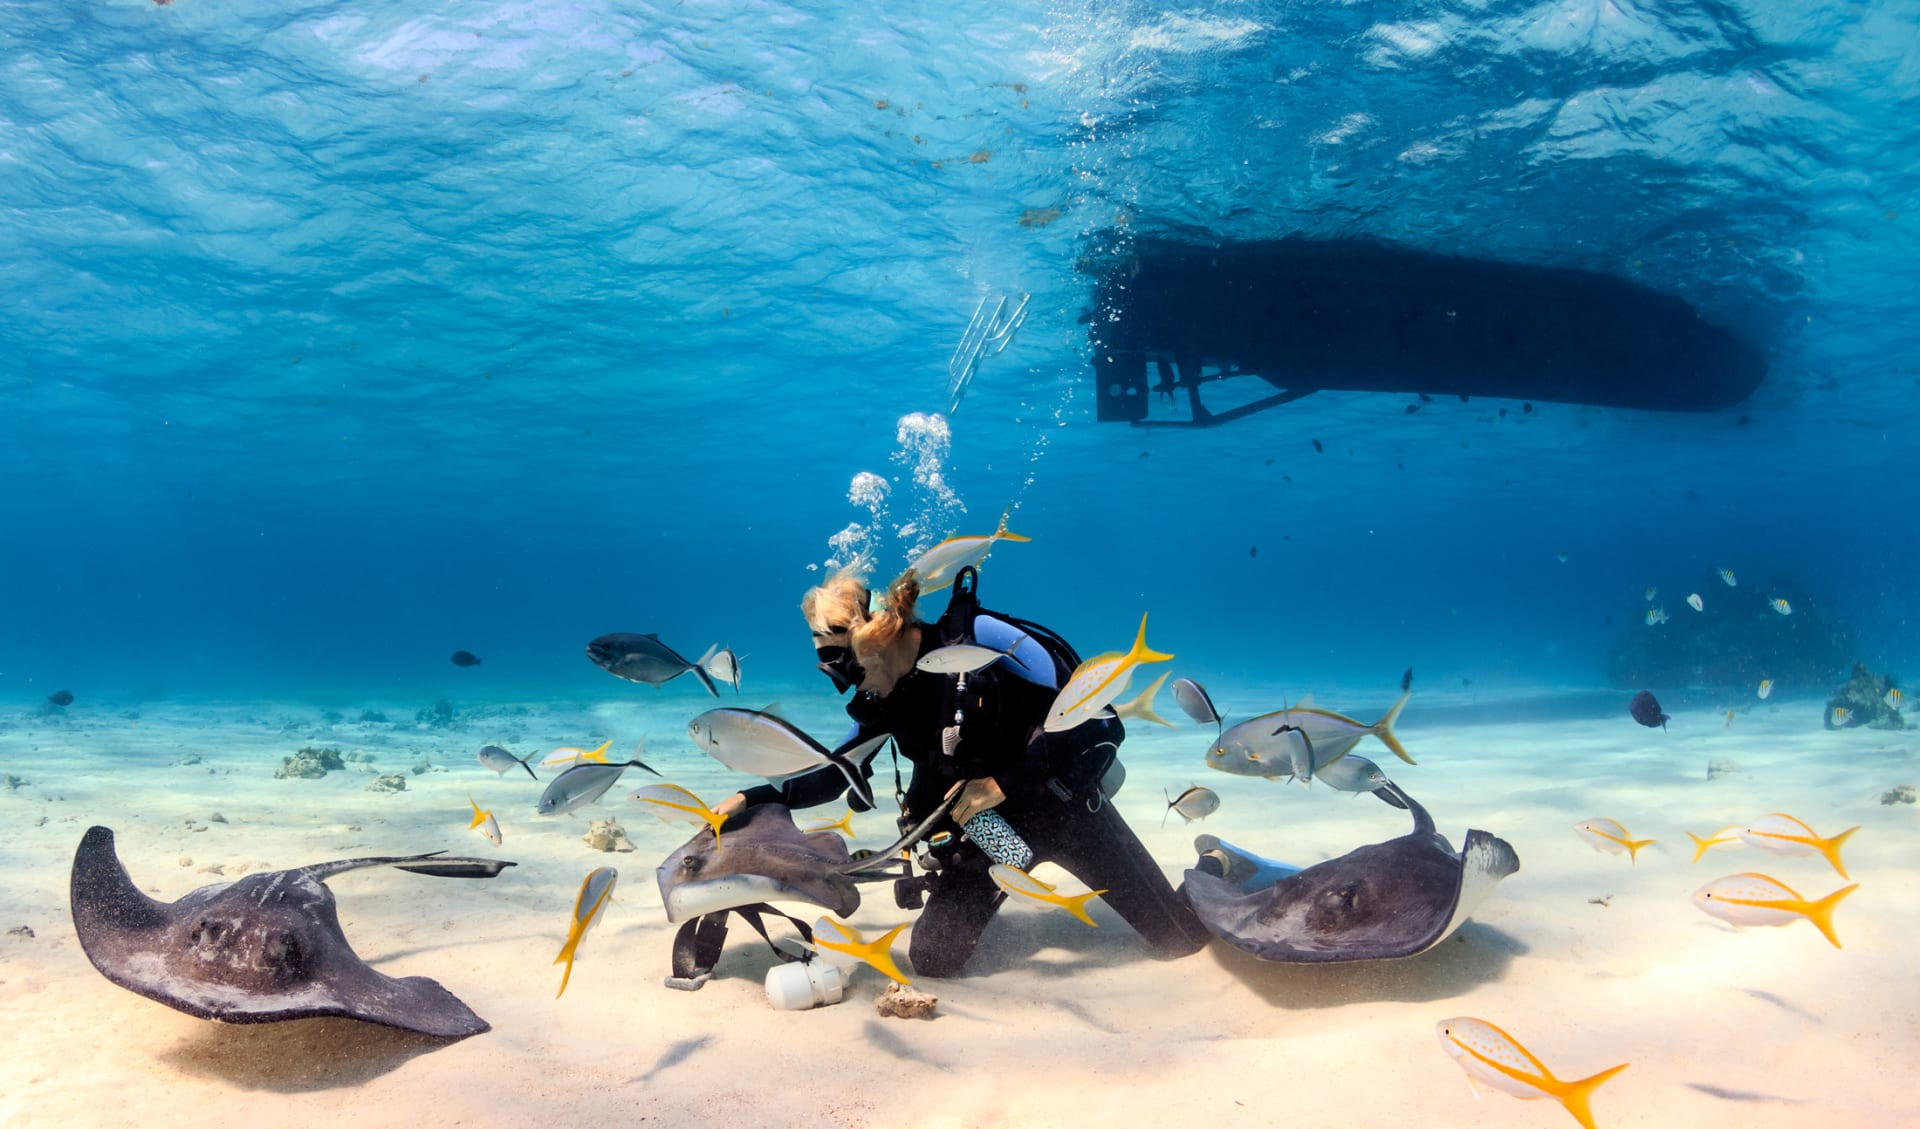 SCUBA-Taucher auf den Seychellen, der mit Stingrochen in flachem Wasser spielt